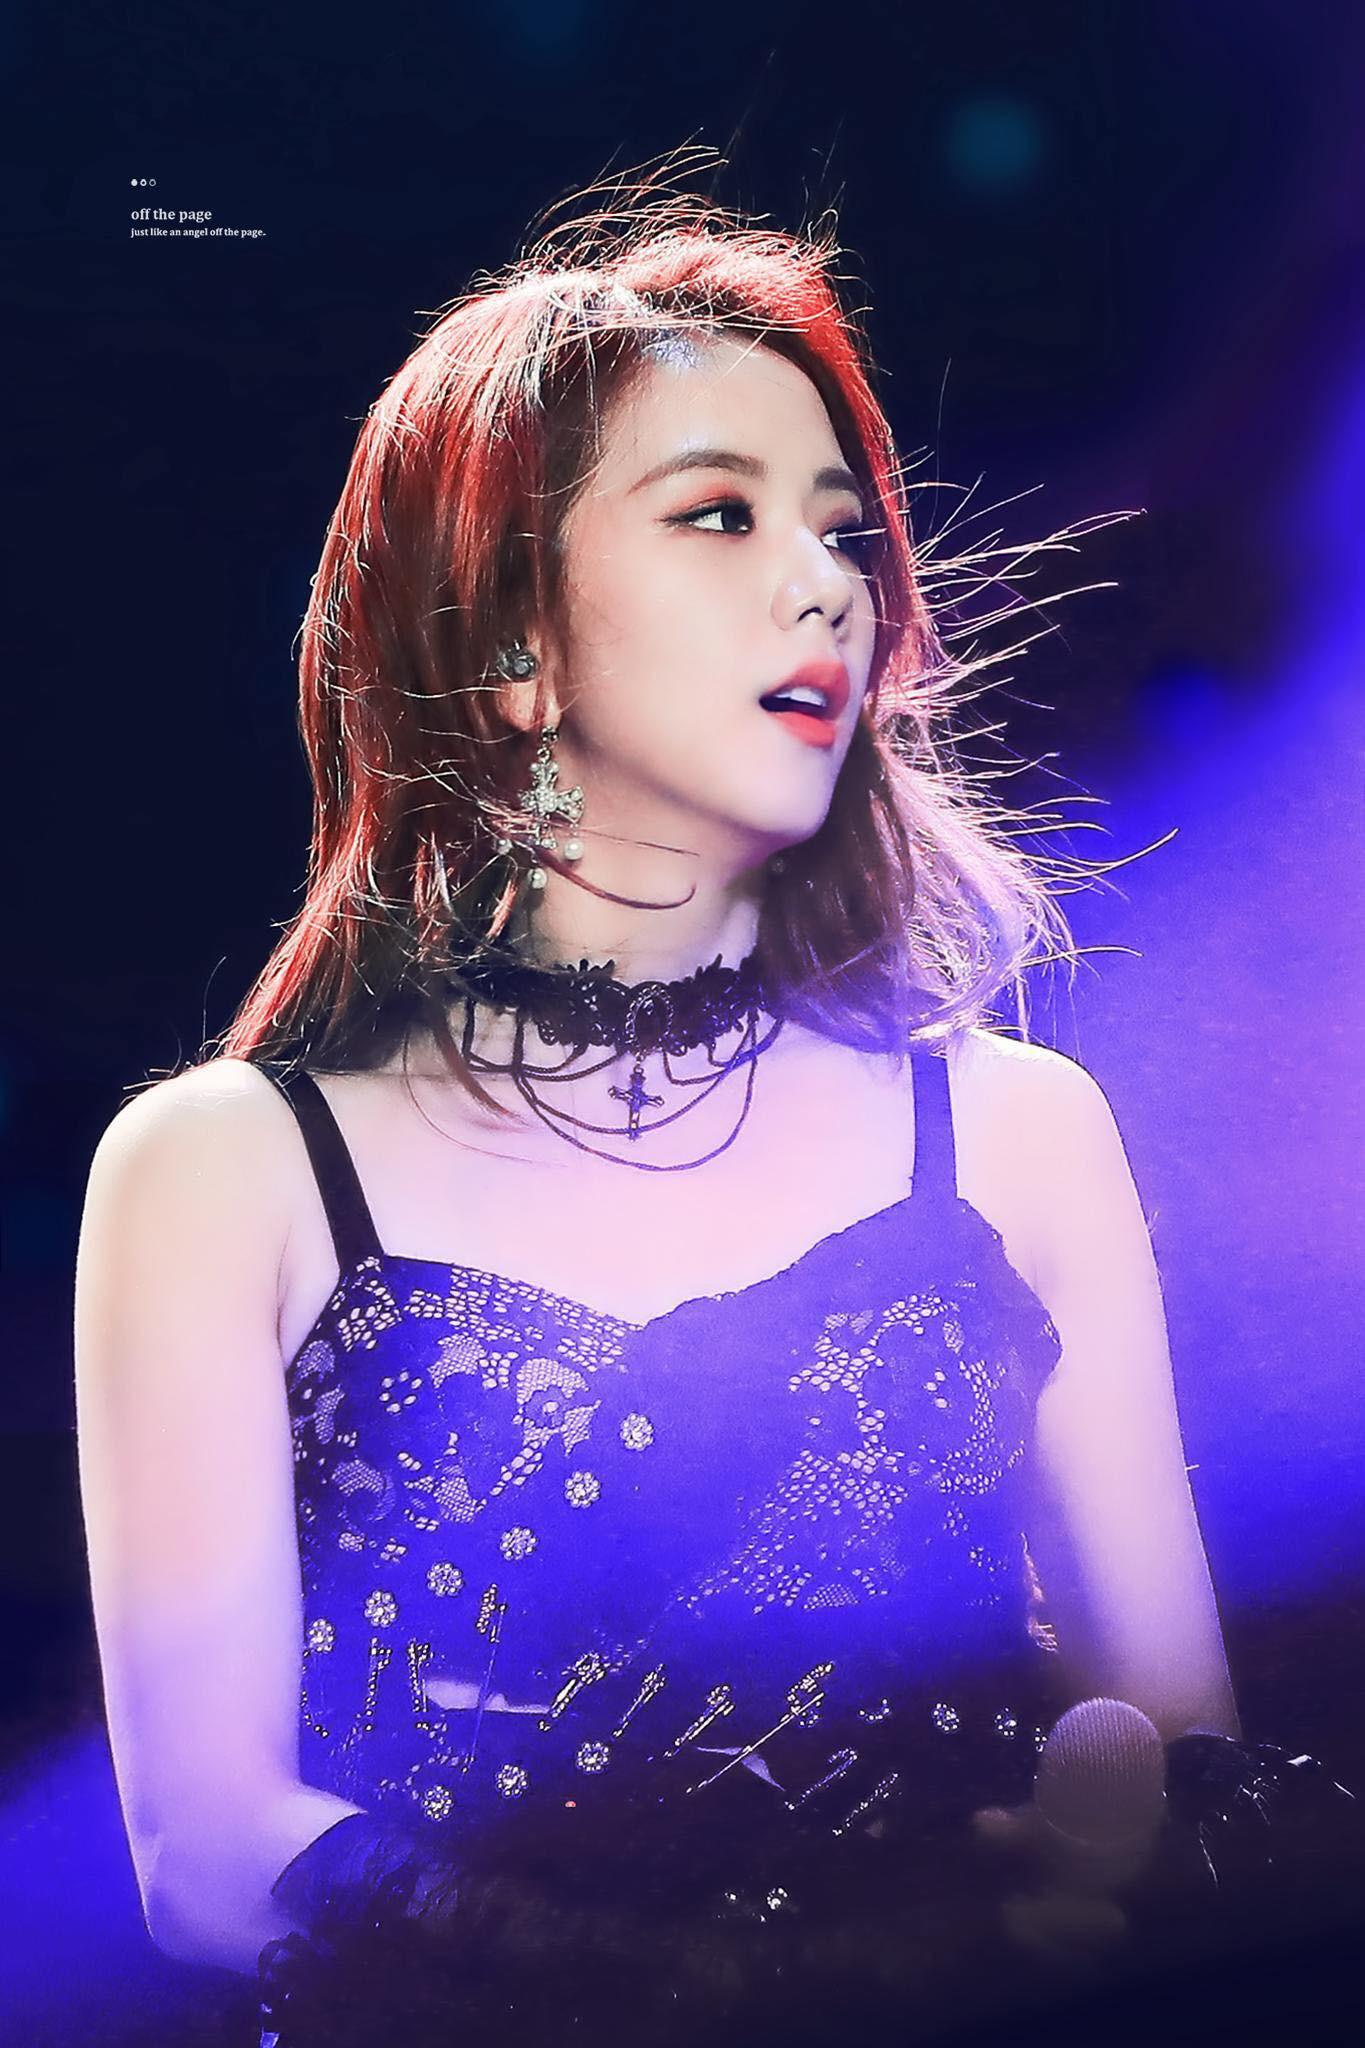 Top 30 idol nữ hot nhất Kpop: Jennie (BLACKPINK) lấn át nữ thần SM, hạng 4 và 5 bất ngờ nhưng Lisa còn khó hiểu hơn - Ảnh 3.